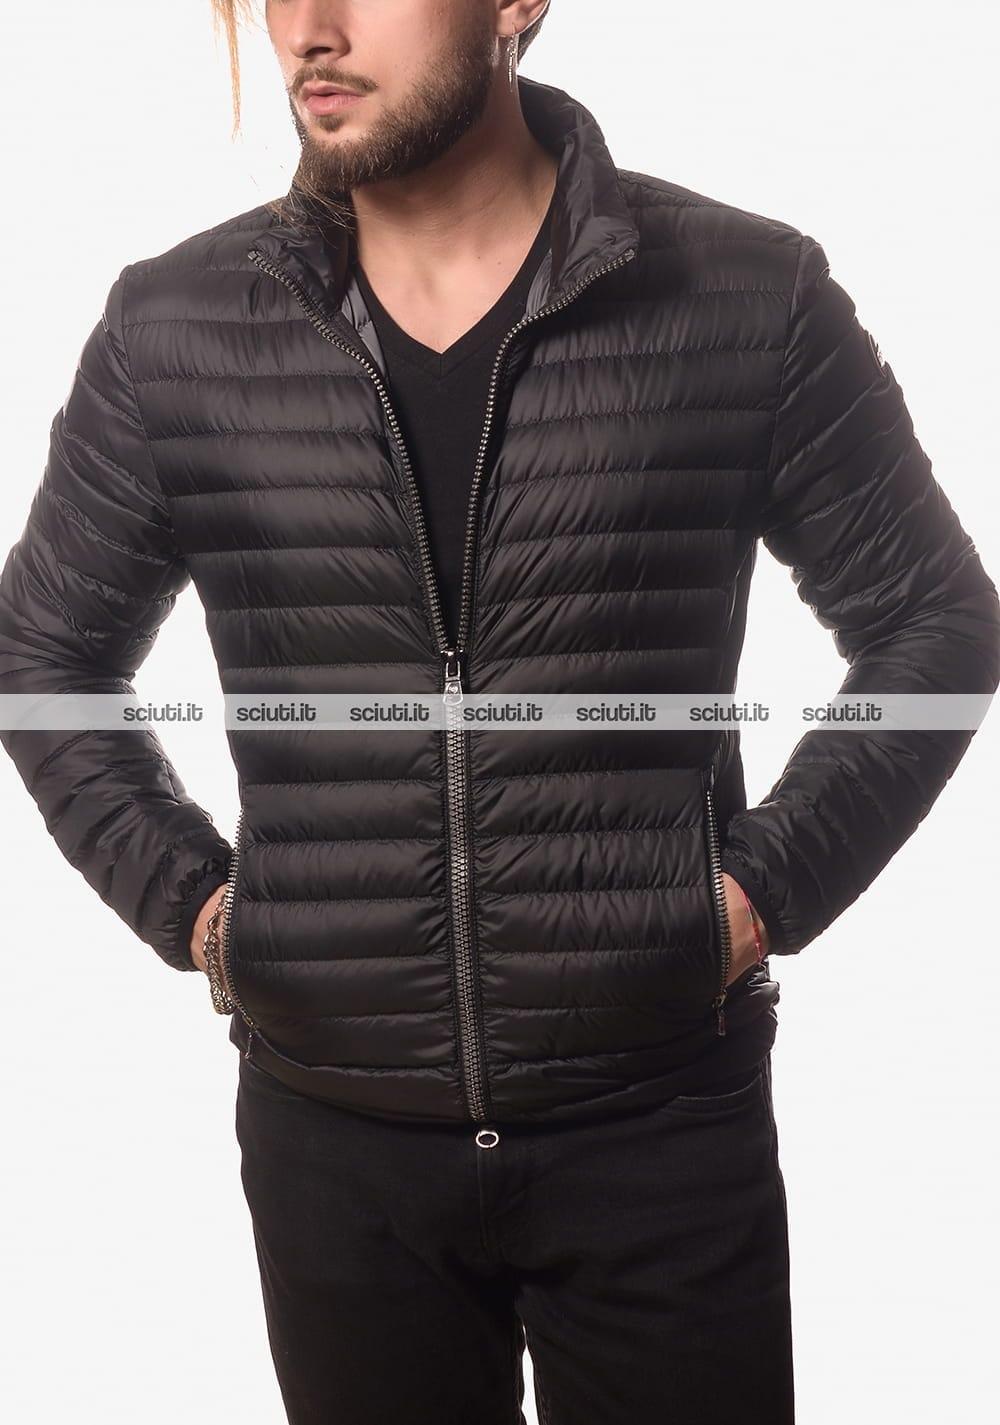 Piumino Colmar uomo leggero semiopaco senza cappuccio nero